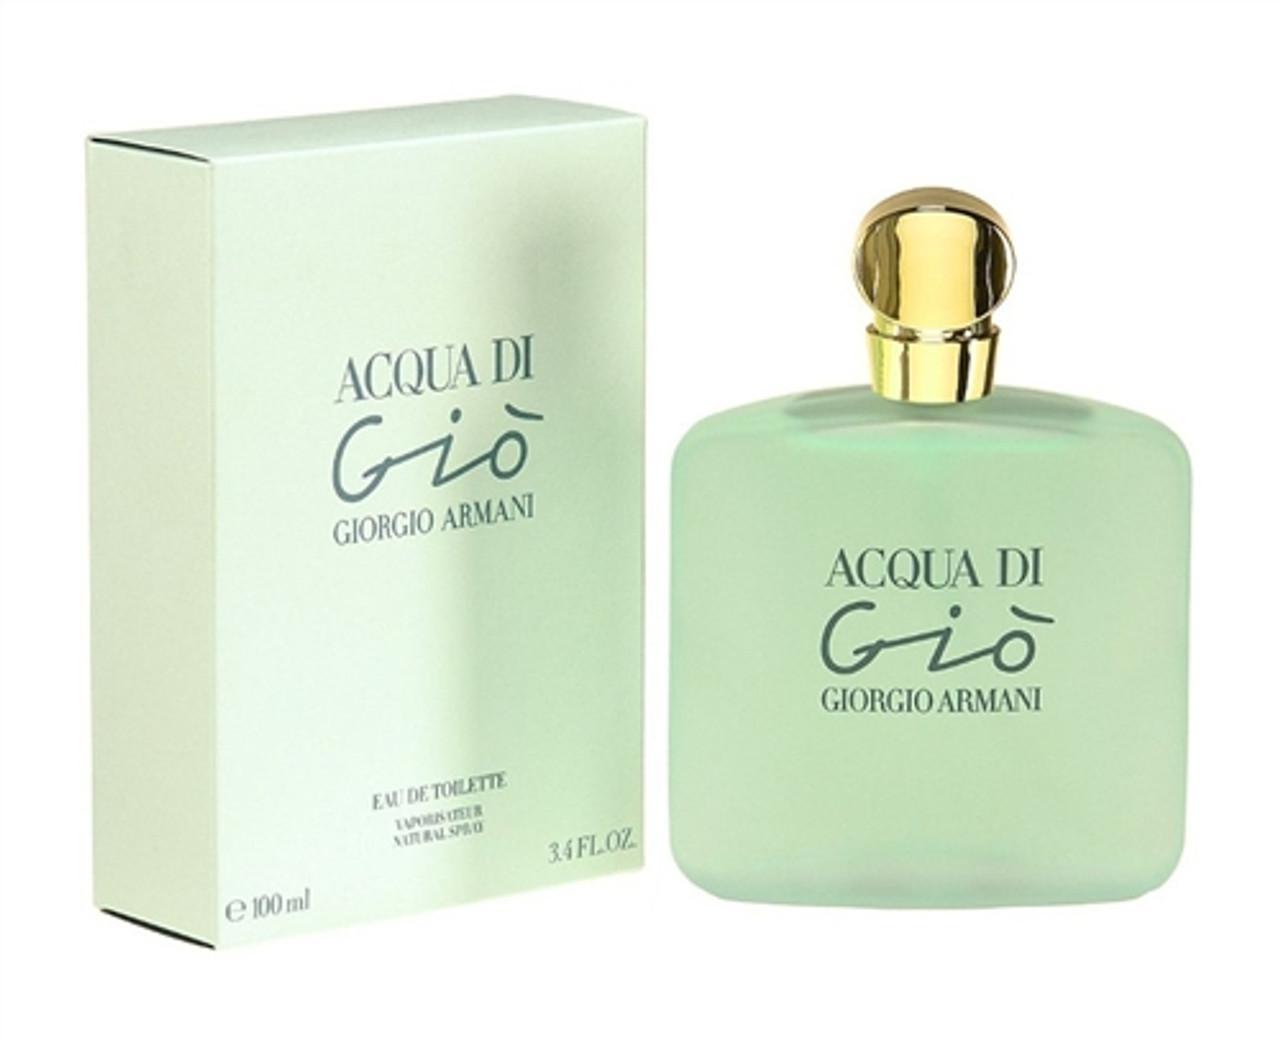 Acqua di Gio Eau de Toilette for Women by Giorgio Armani - 3.4 OZ